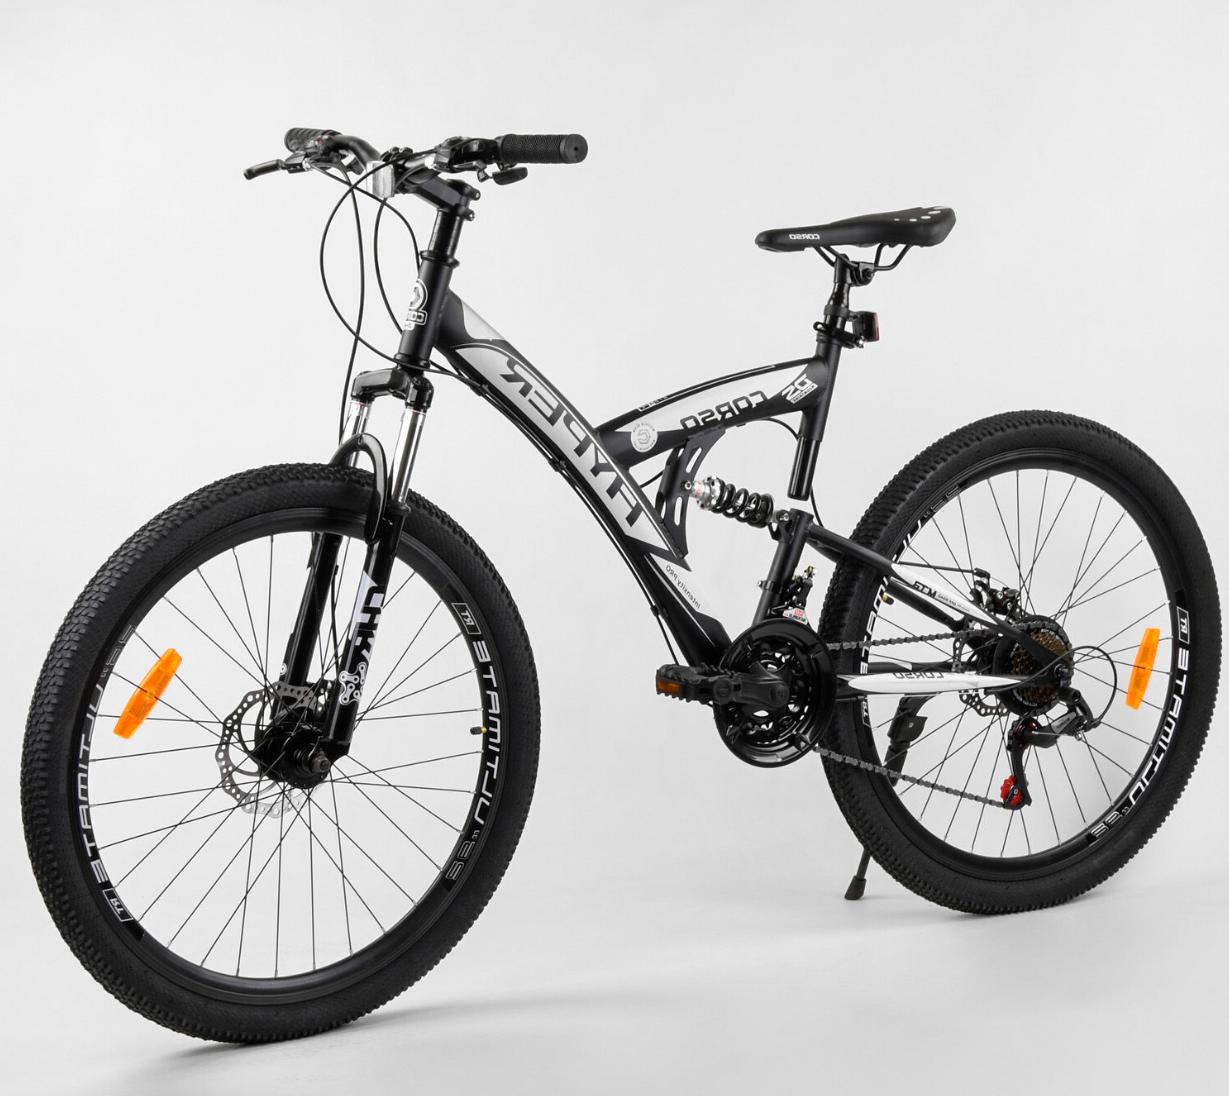 Велосипед Спортивный с 26 дюймовыми колесами, SunRun 21 скорость, металлическая рама, Corso Hyper 66729